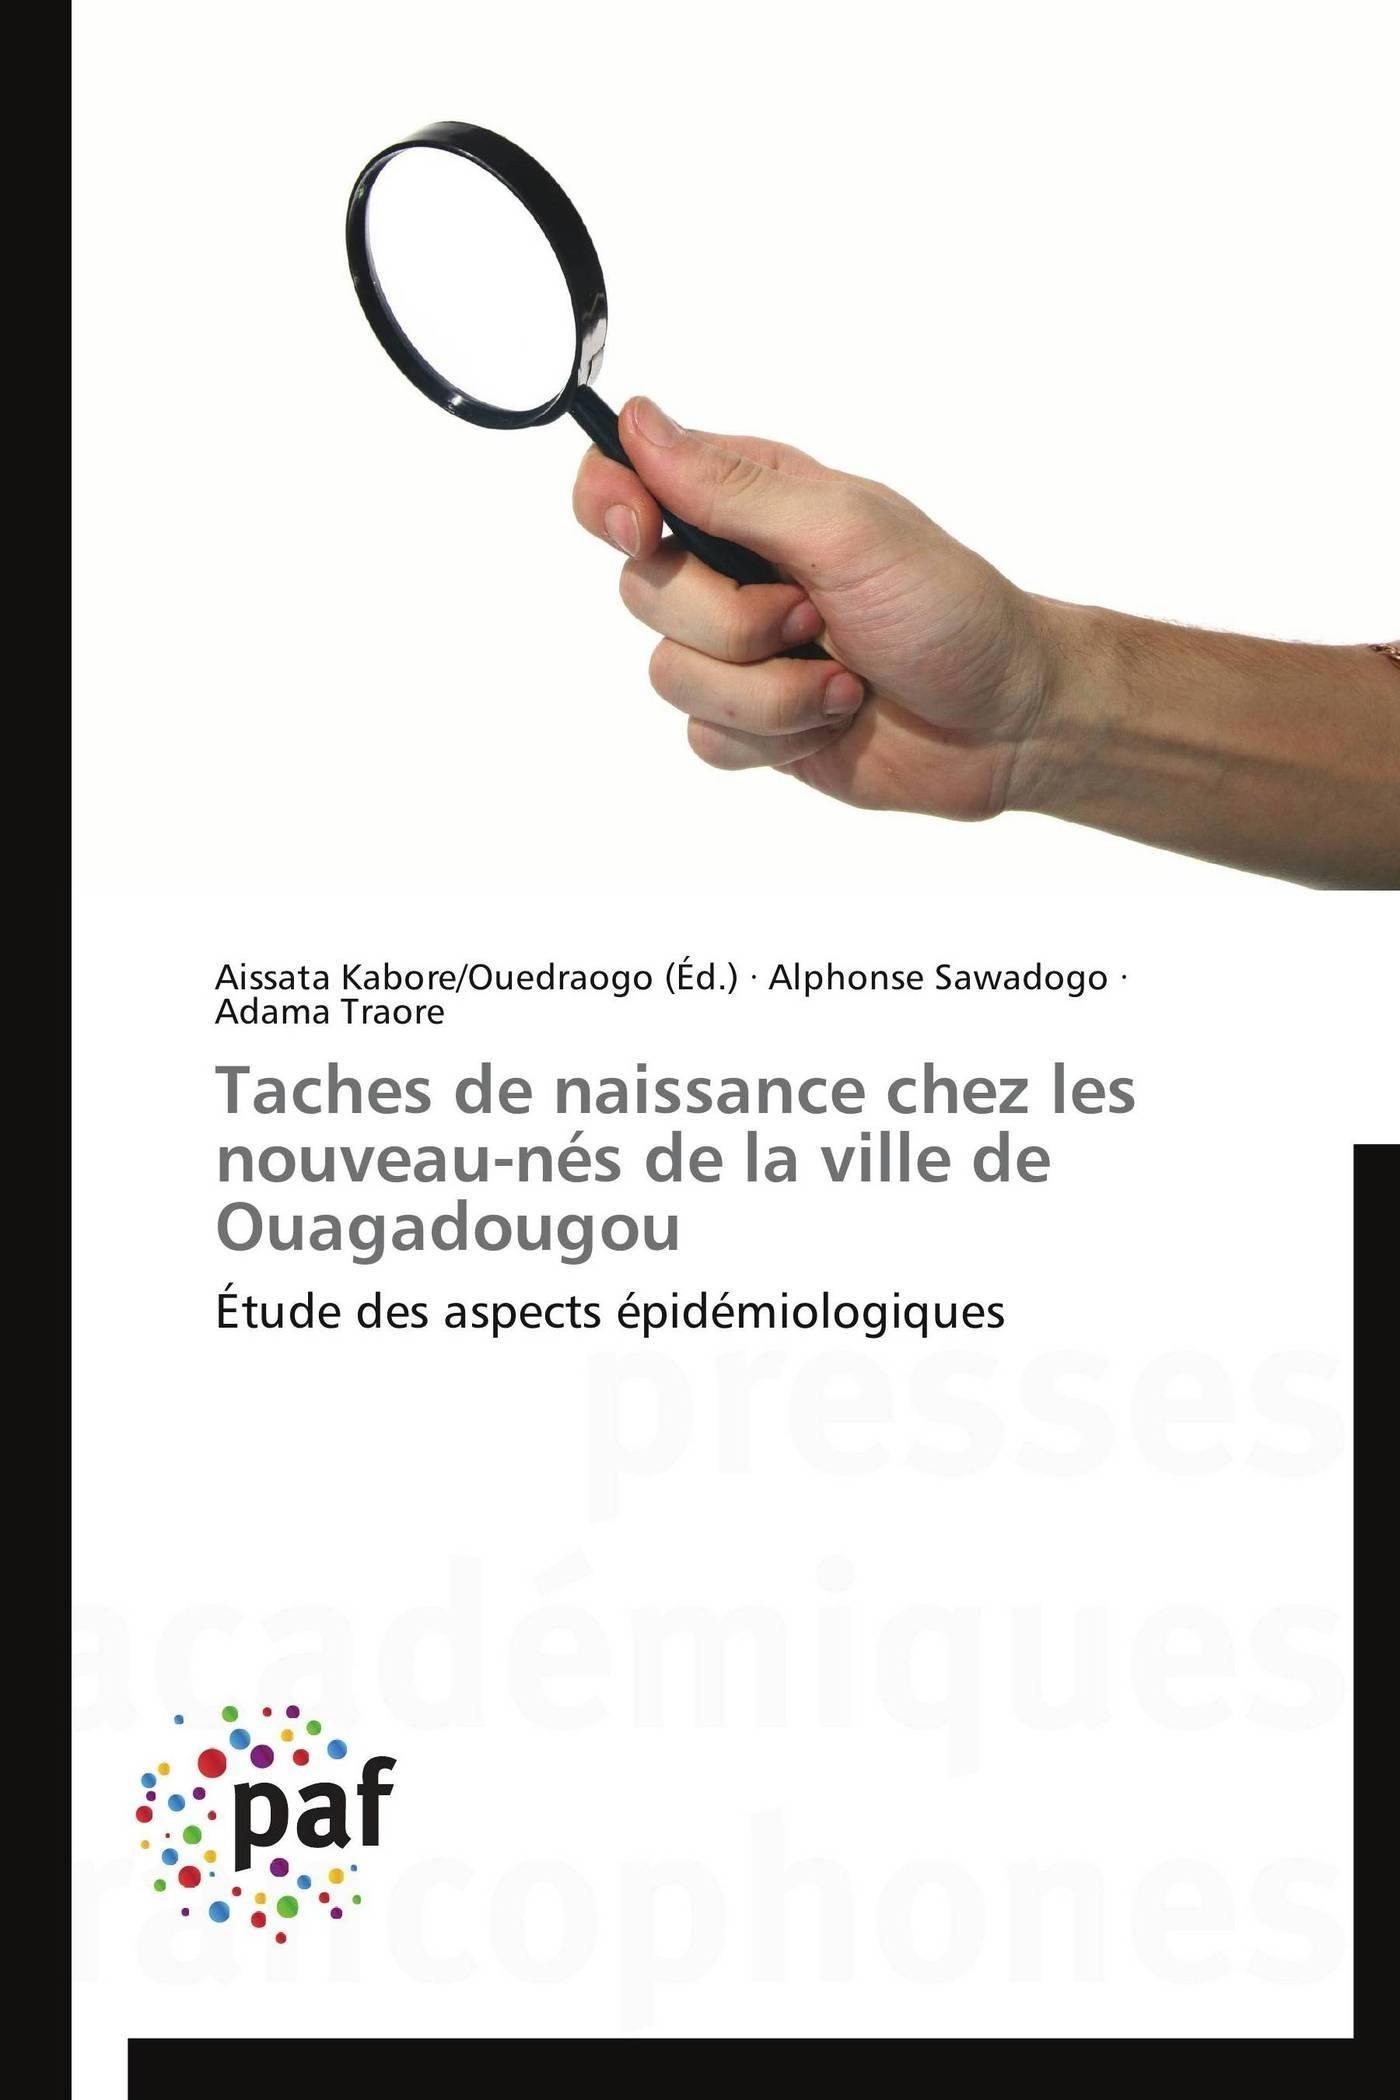 TACHES DE NAISSANCE CHEZ LES NOUVEAU-NES DE LA VILLE DE OUAGADOUGOU